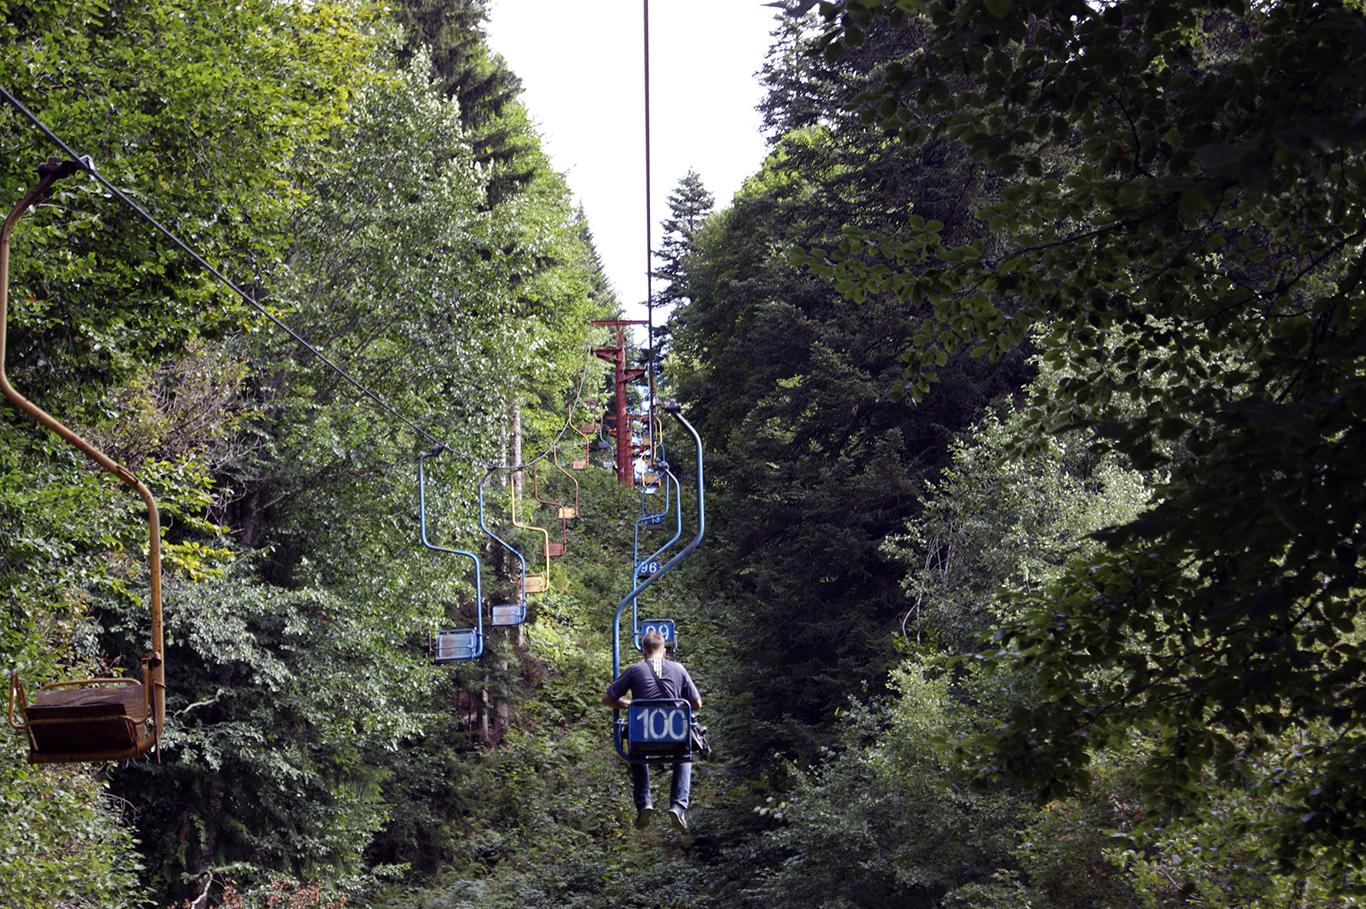 Кресельная канатная дорога идет по лесу